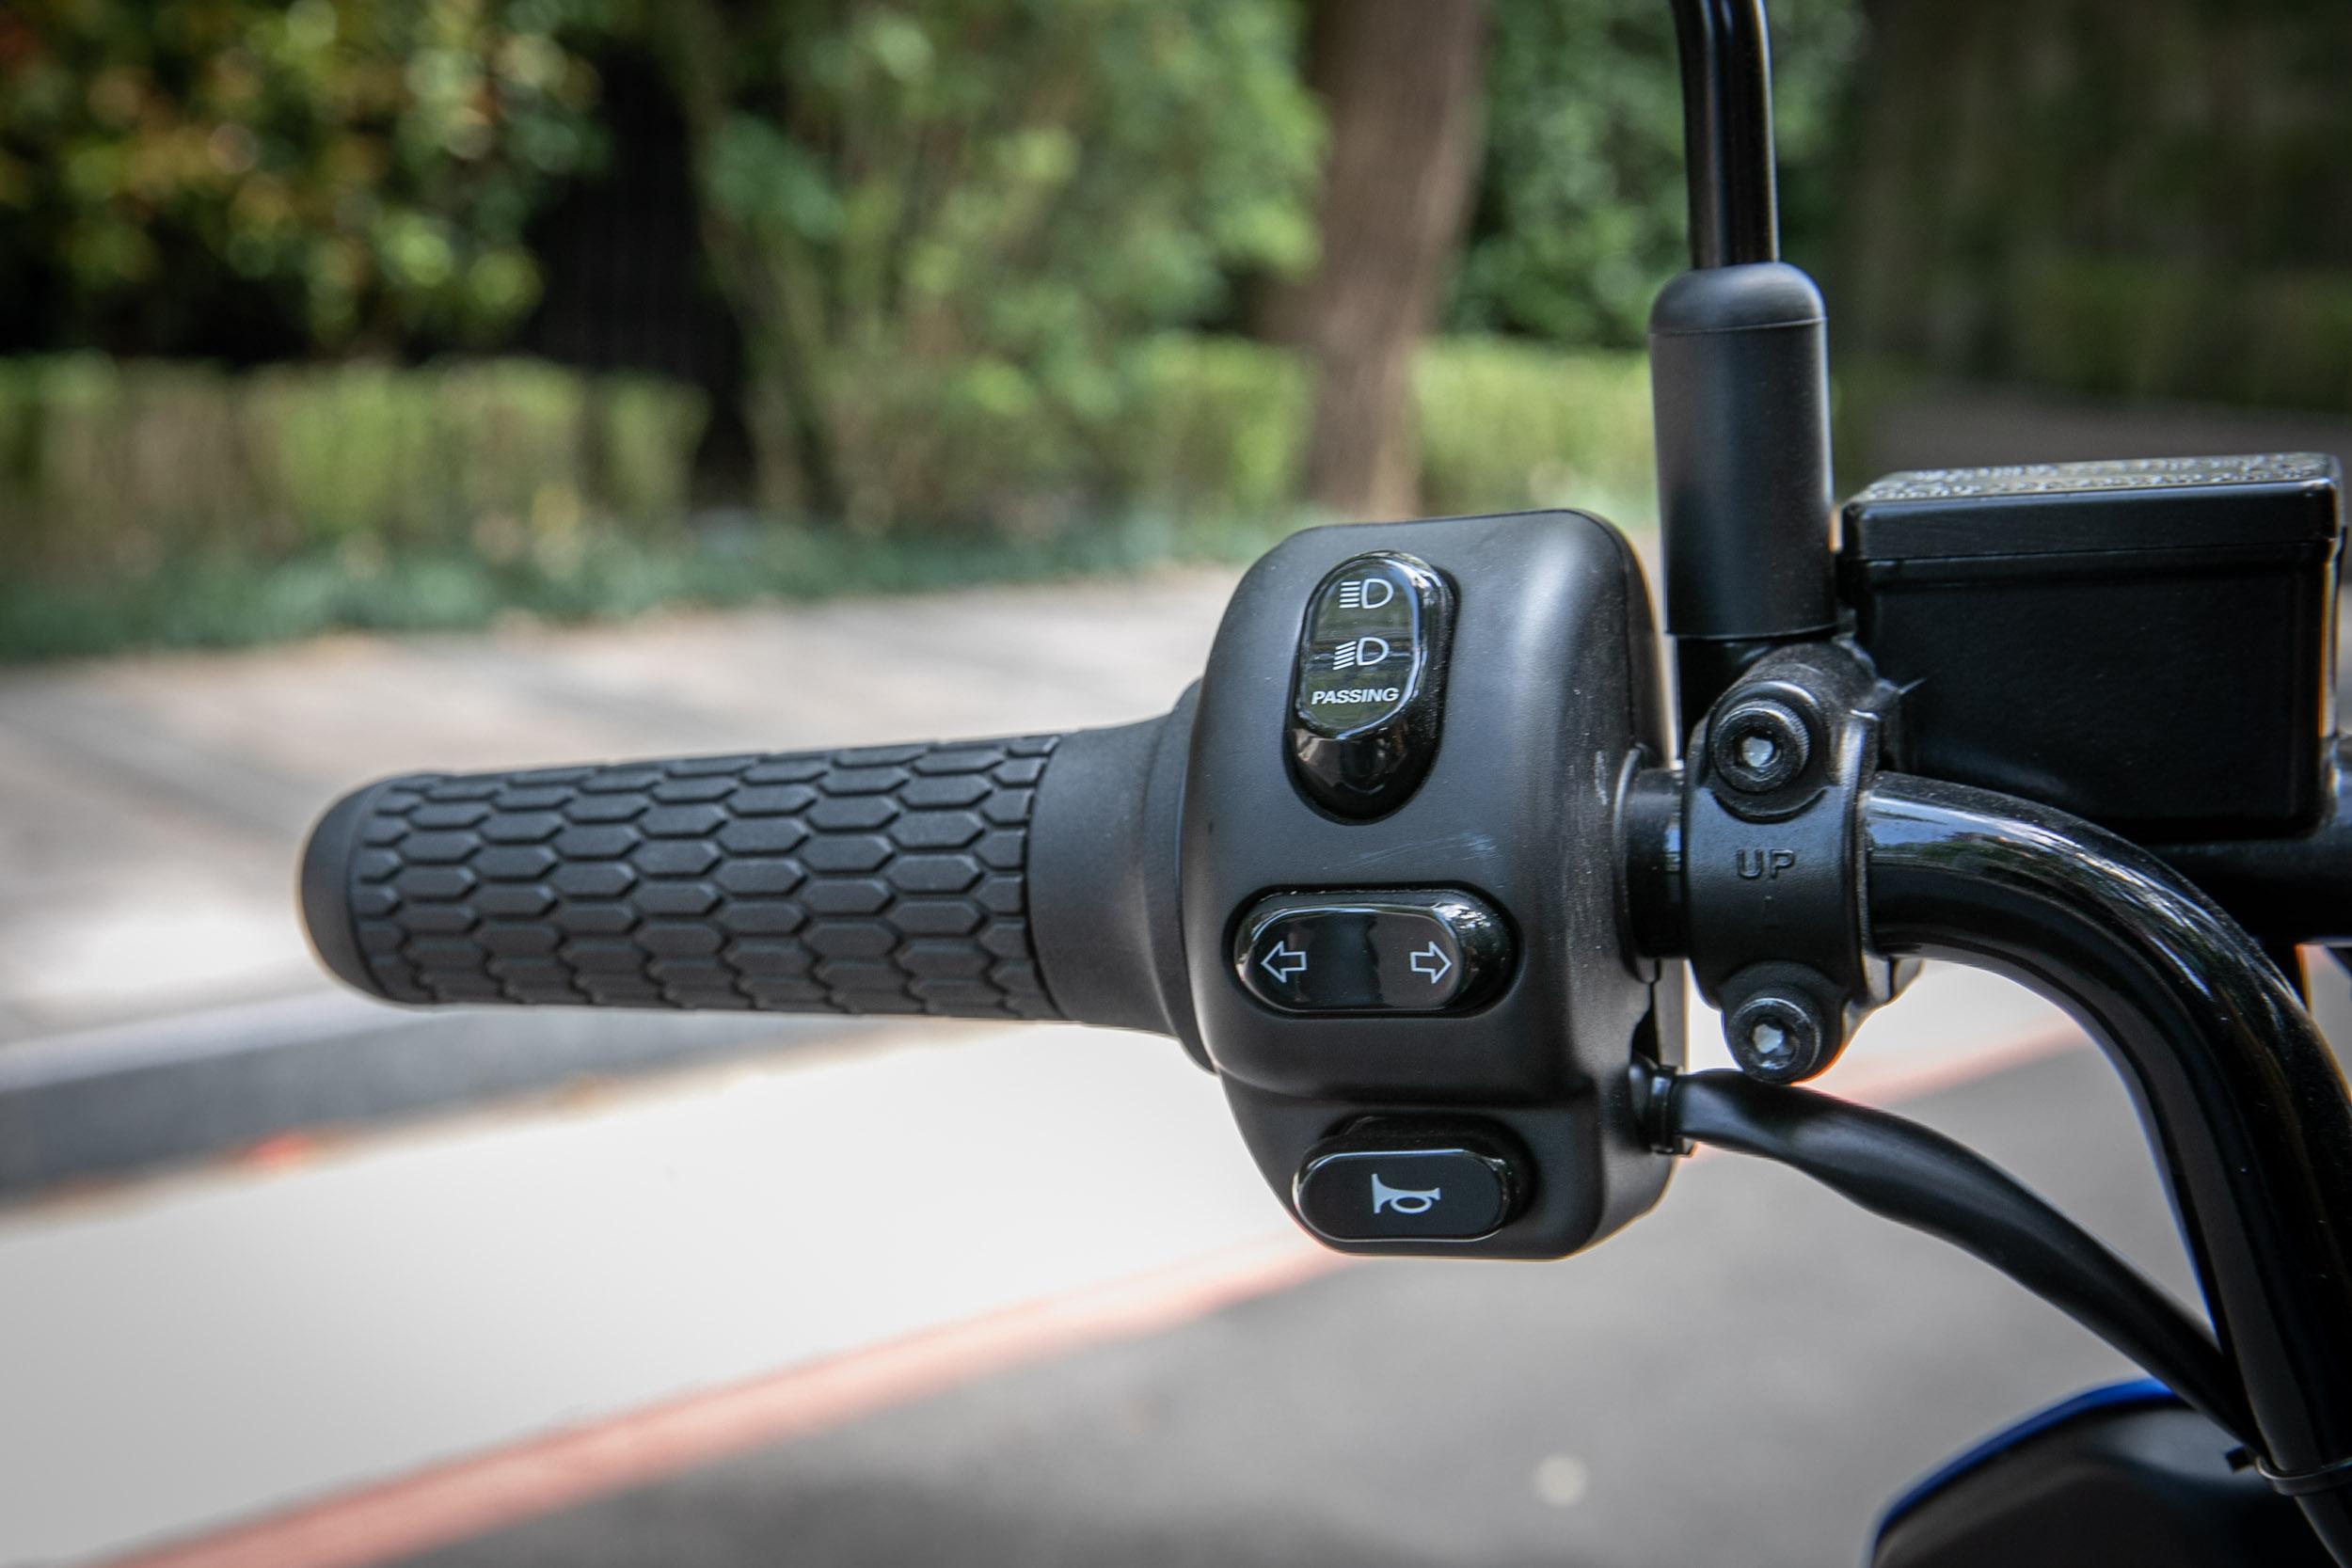 左右把手開關總成設計與 S3 車款差異不大。